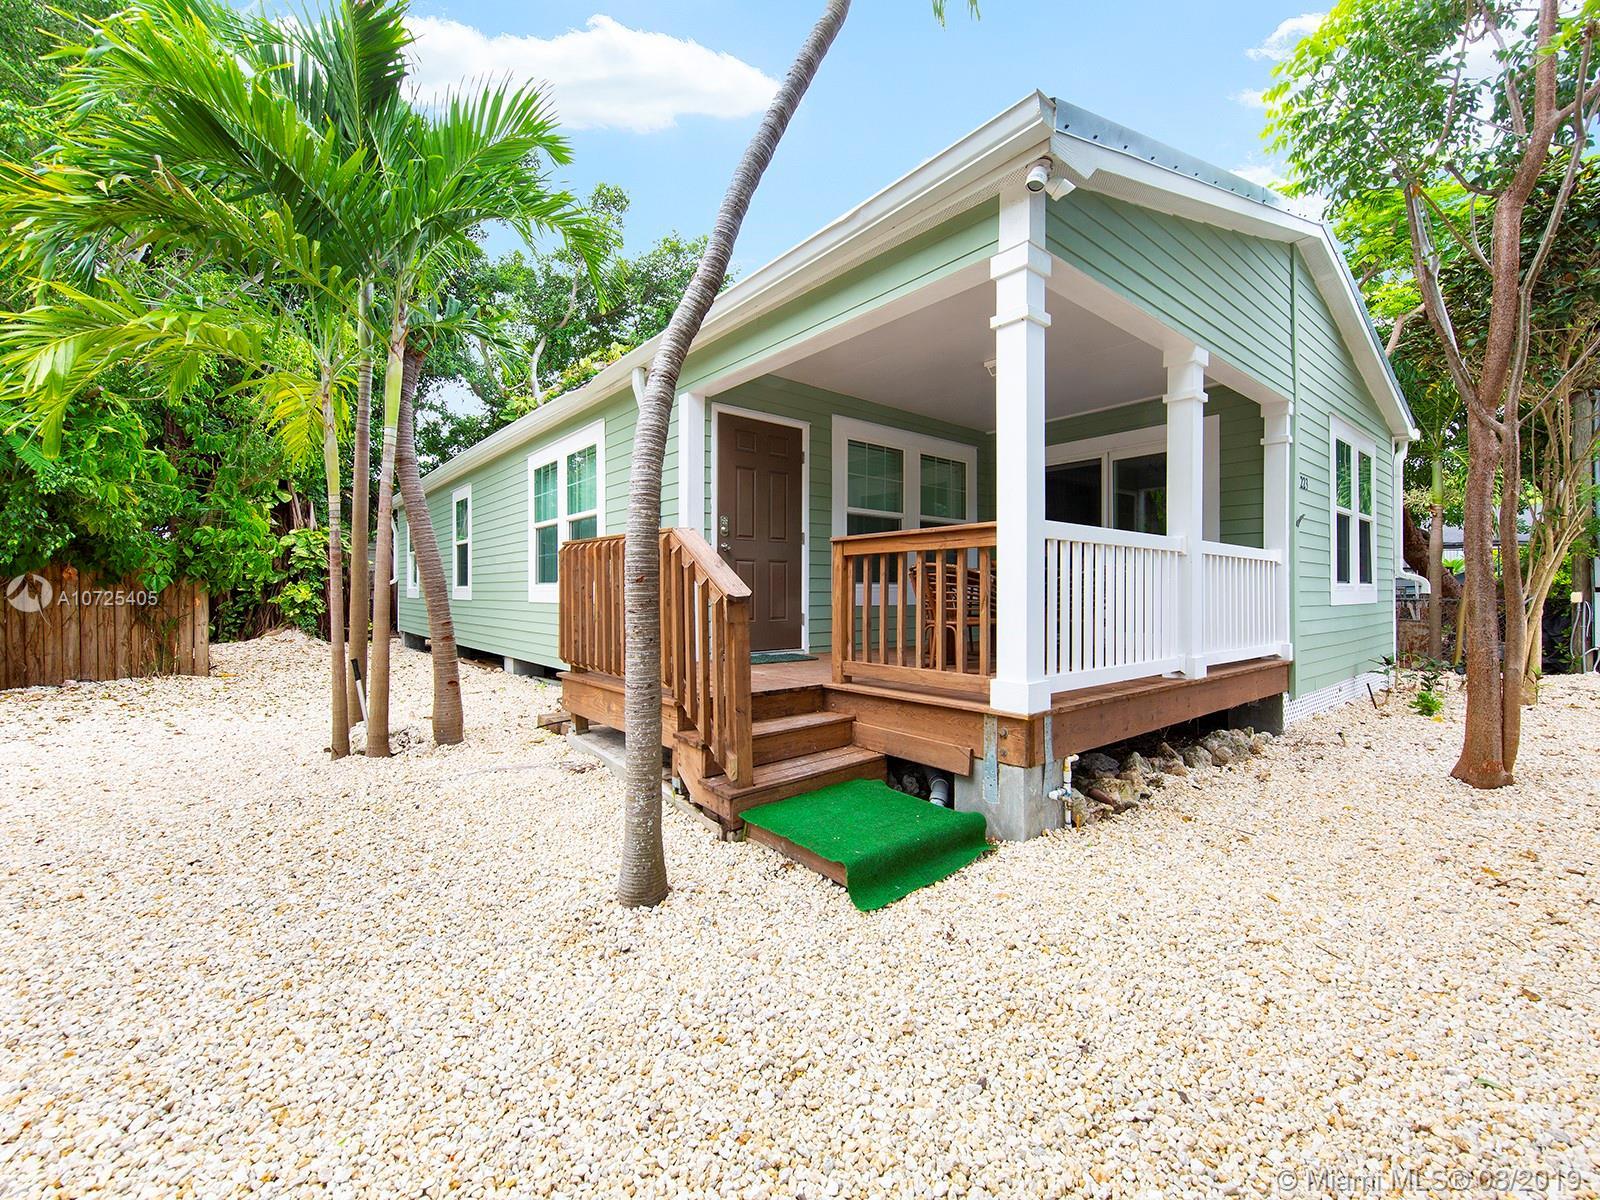 223 Loeb Ave, Key Largo, FL 33037 - Key Largo, FL real estate listing